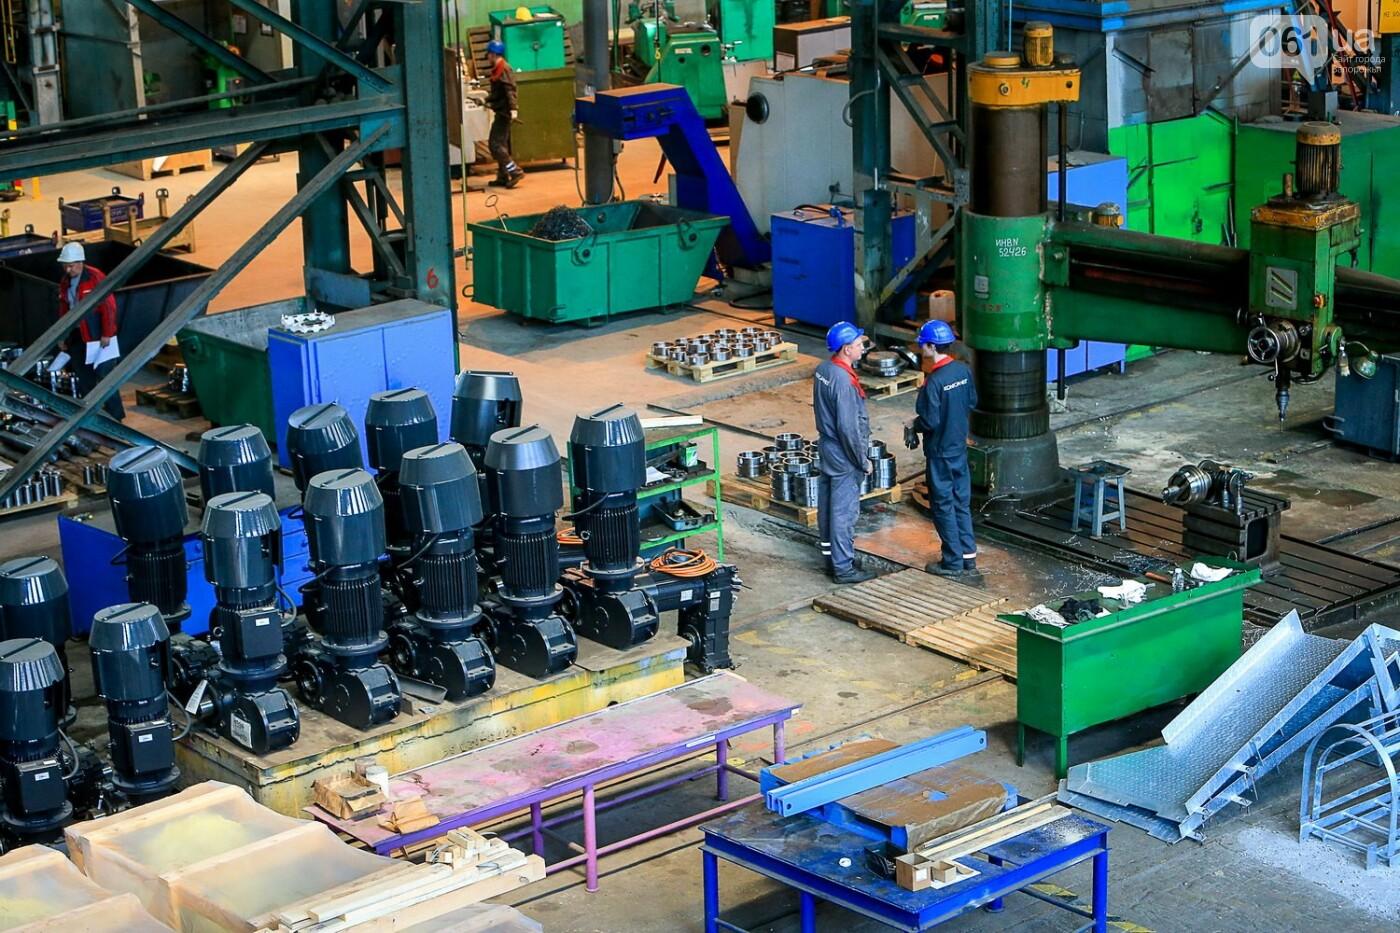 Как в Запорожье работает крупнейший в Европе завод по производству кранов: экскурсия на производство, — ФОТОРЕПОРТАЖ, фото-61